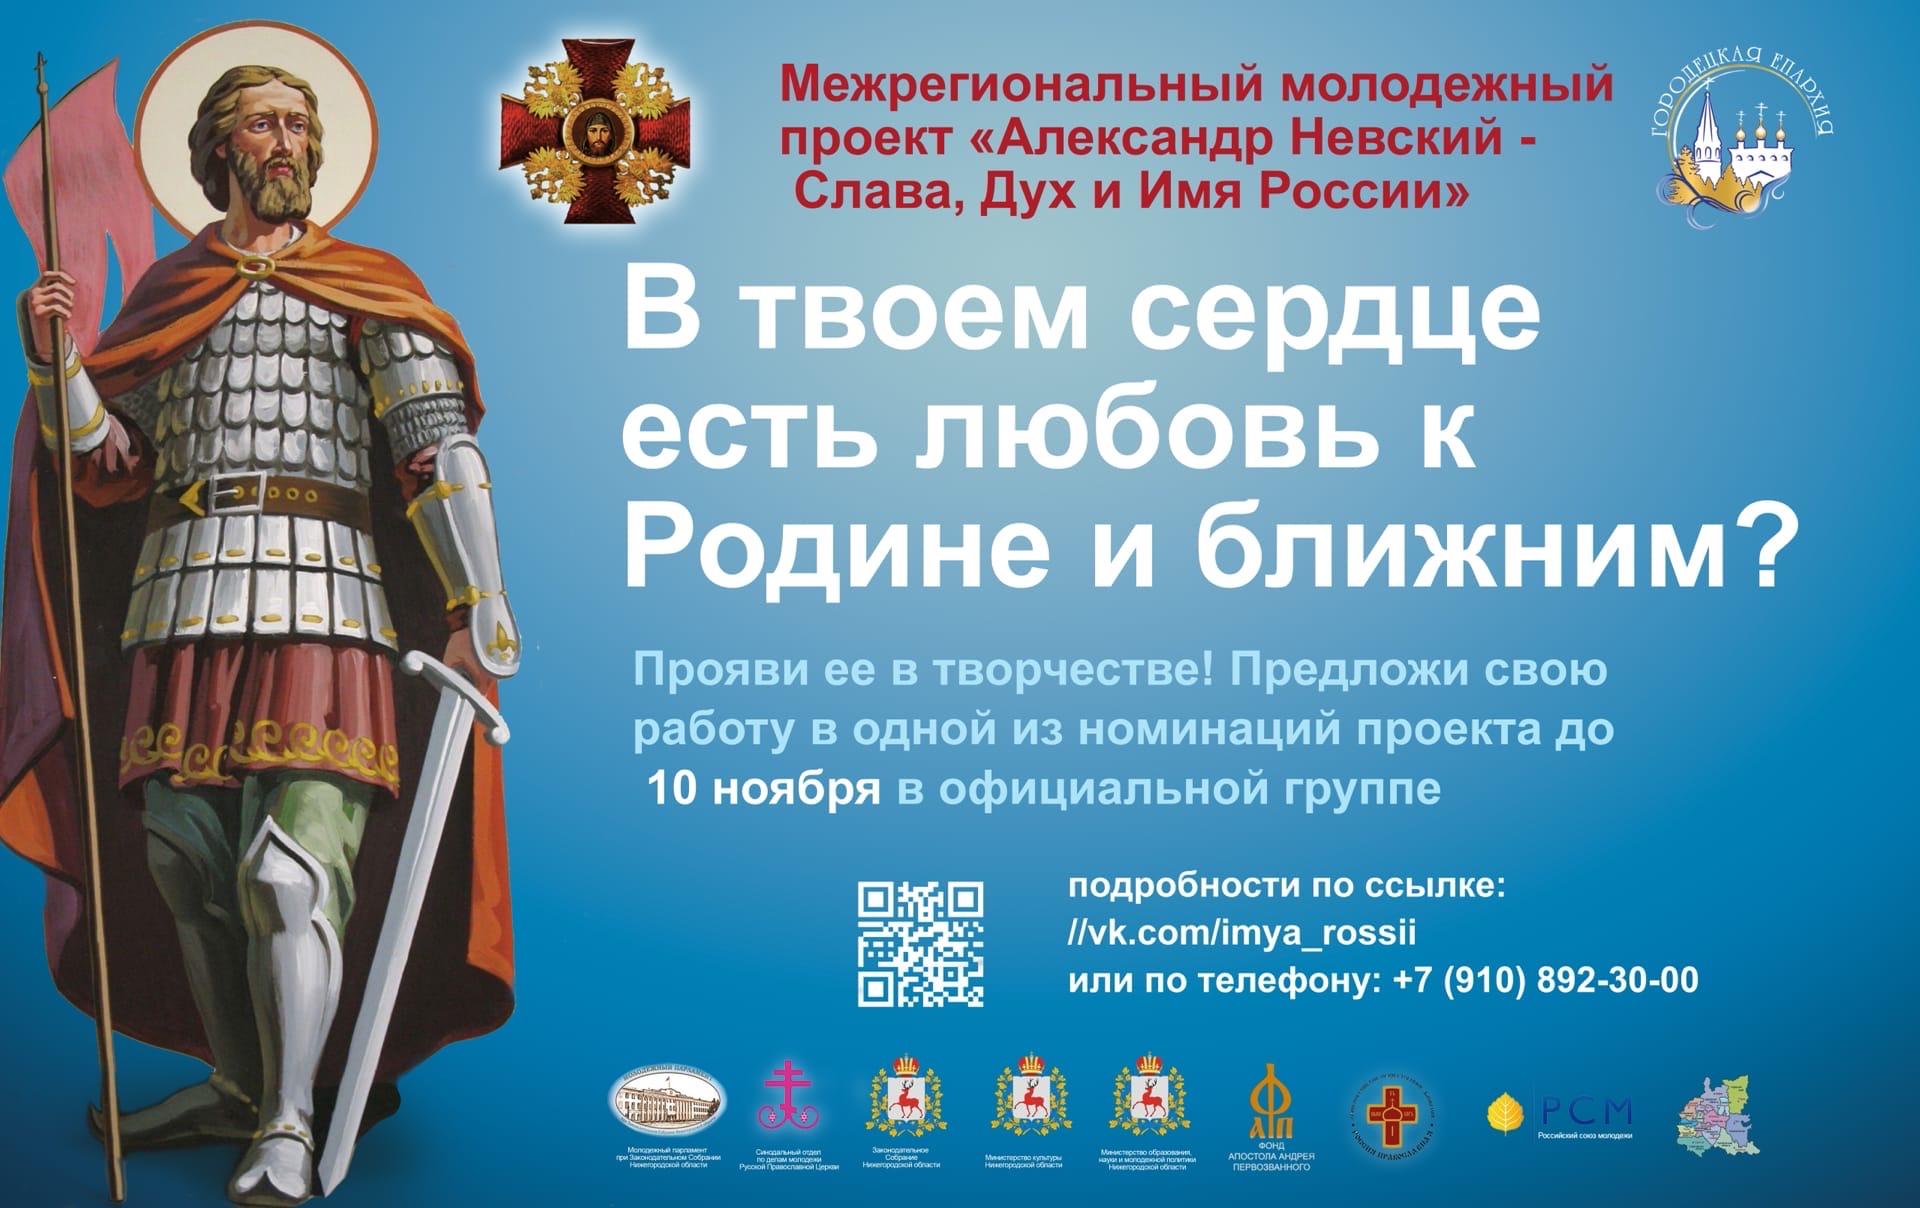 Нижегородцев приглашают принять участие в конкурсе «Александр Невский – Слава, Дух и Имя России»